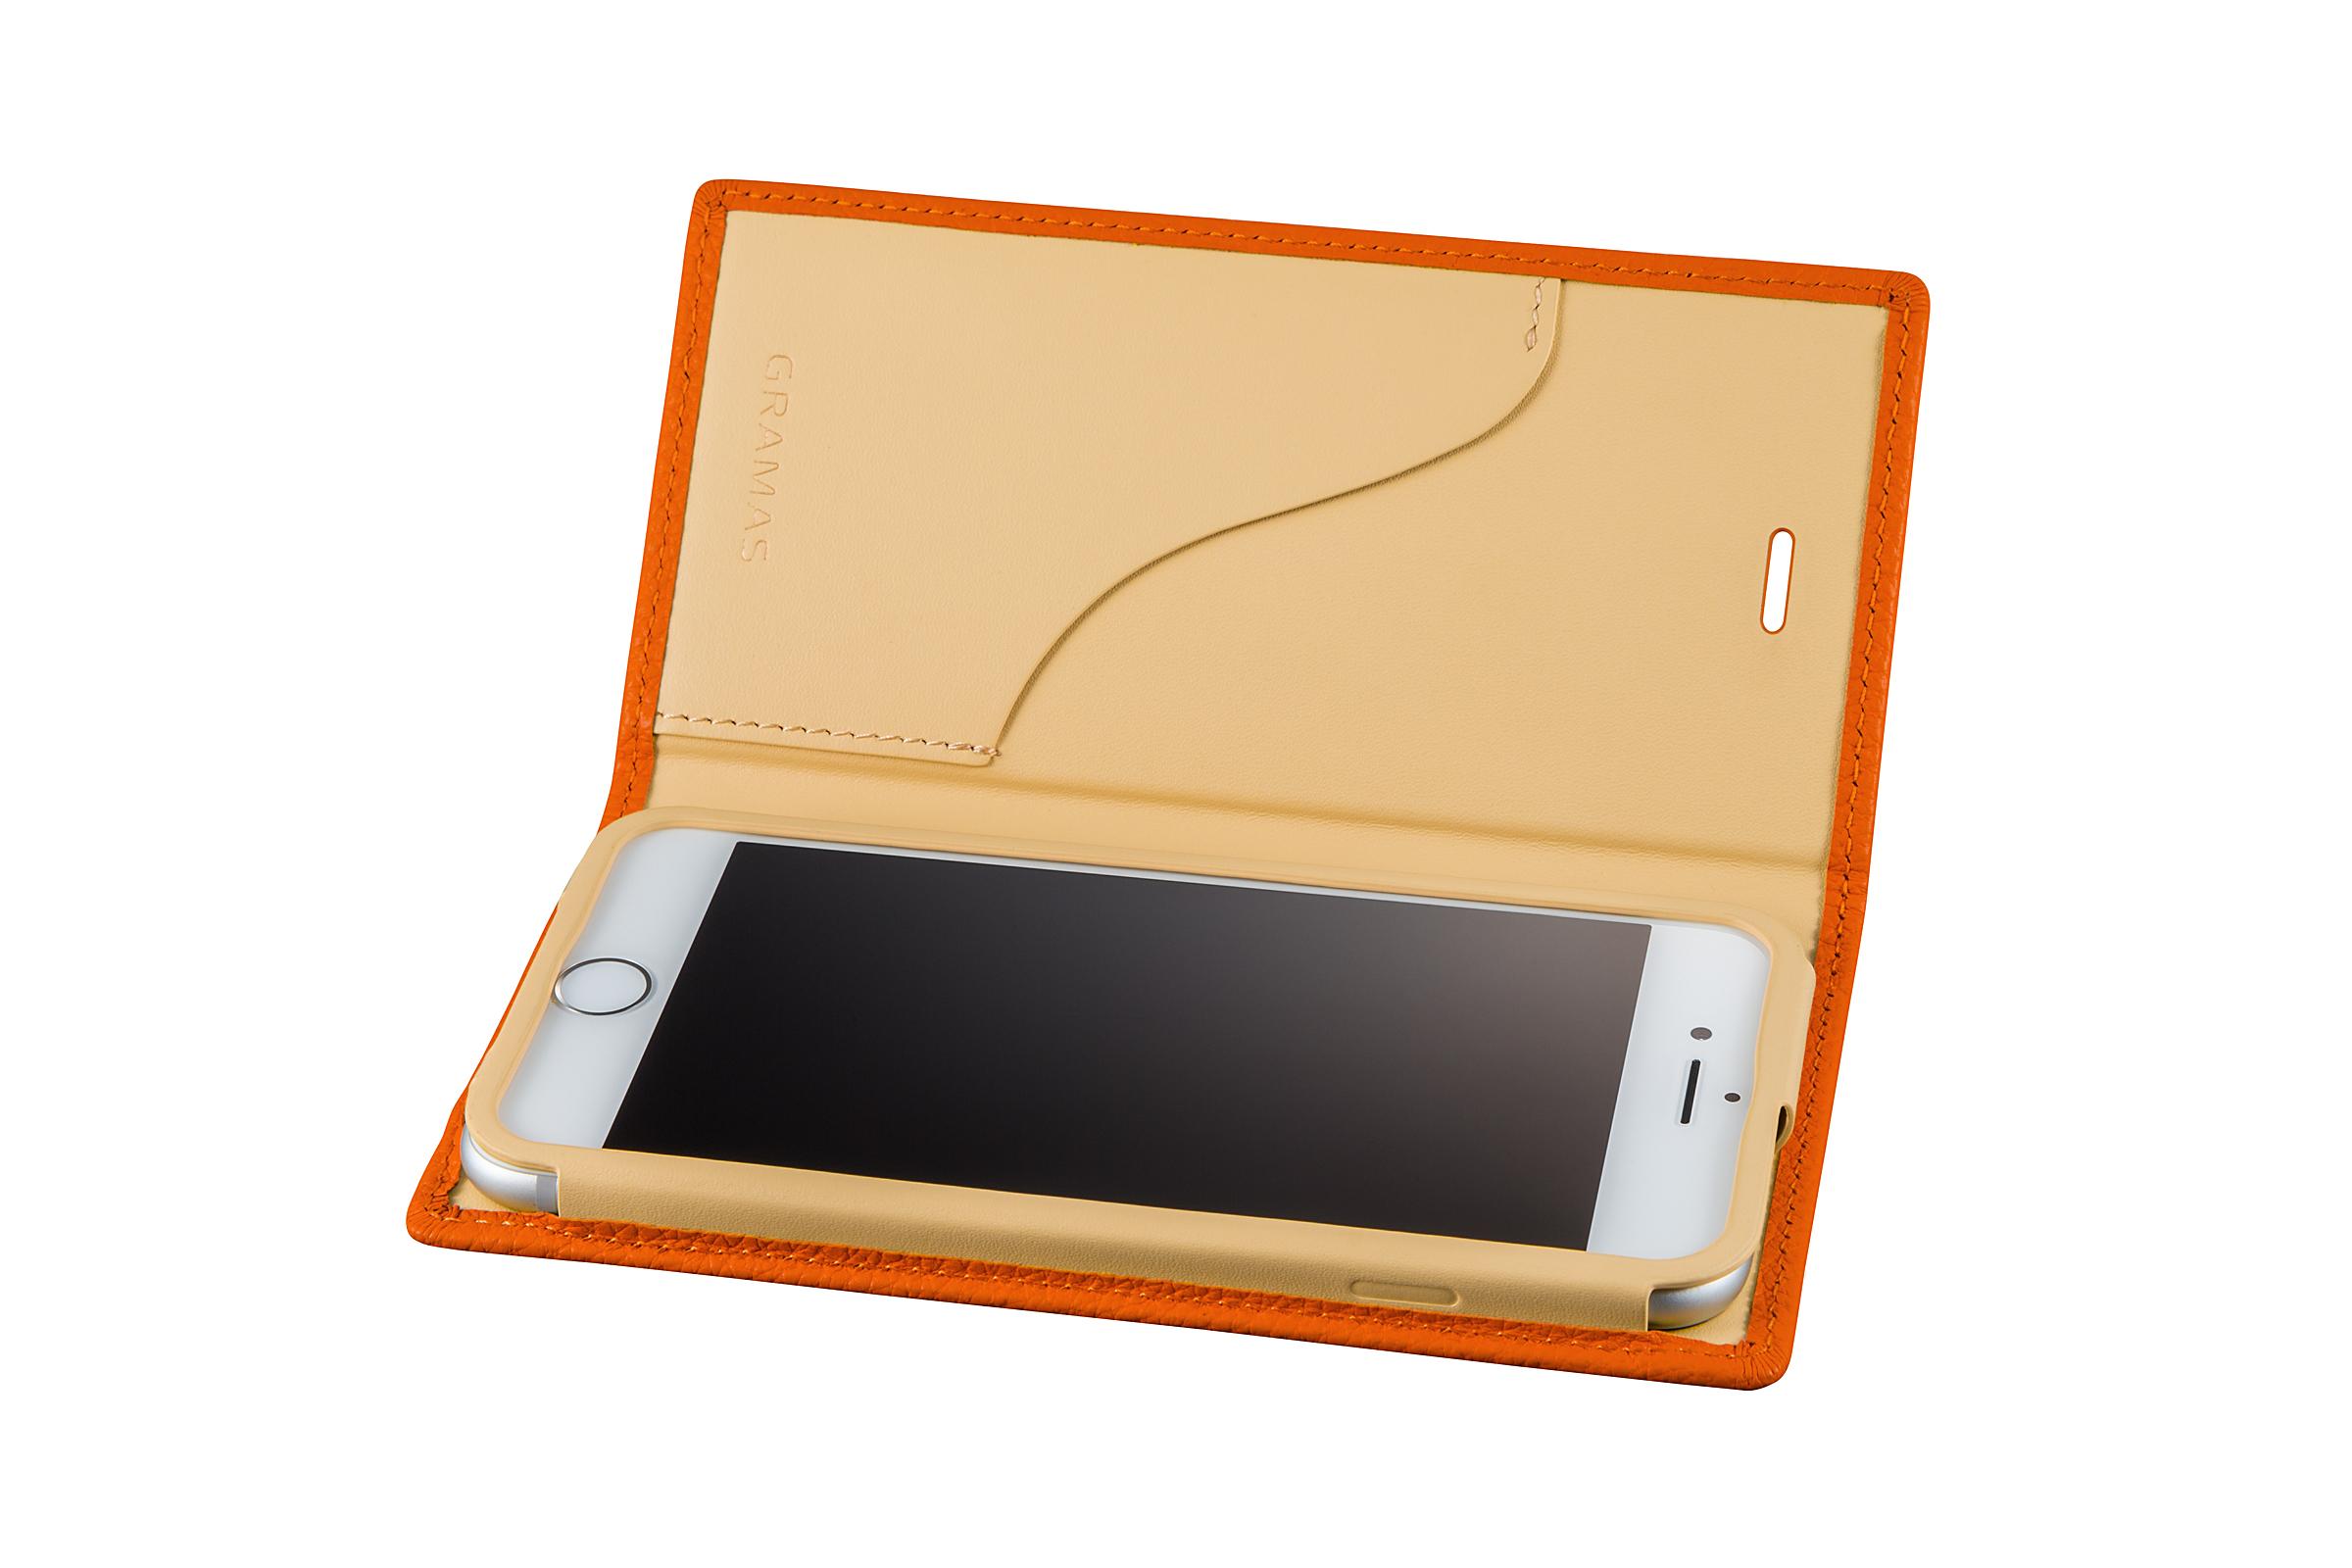 GRAMAS Shrunken-calf Full Leather Case for iPhone 7(Orange) シュランケンカーフ 手帳型フルレザーケース - 画像3